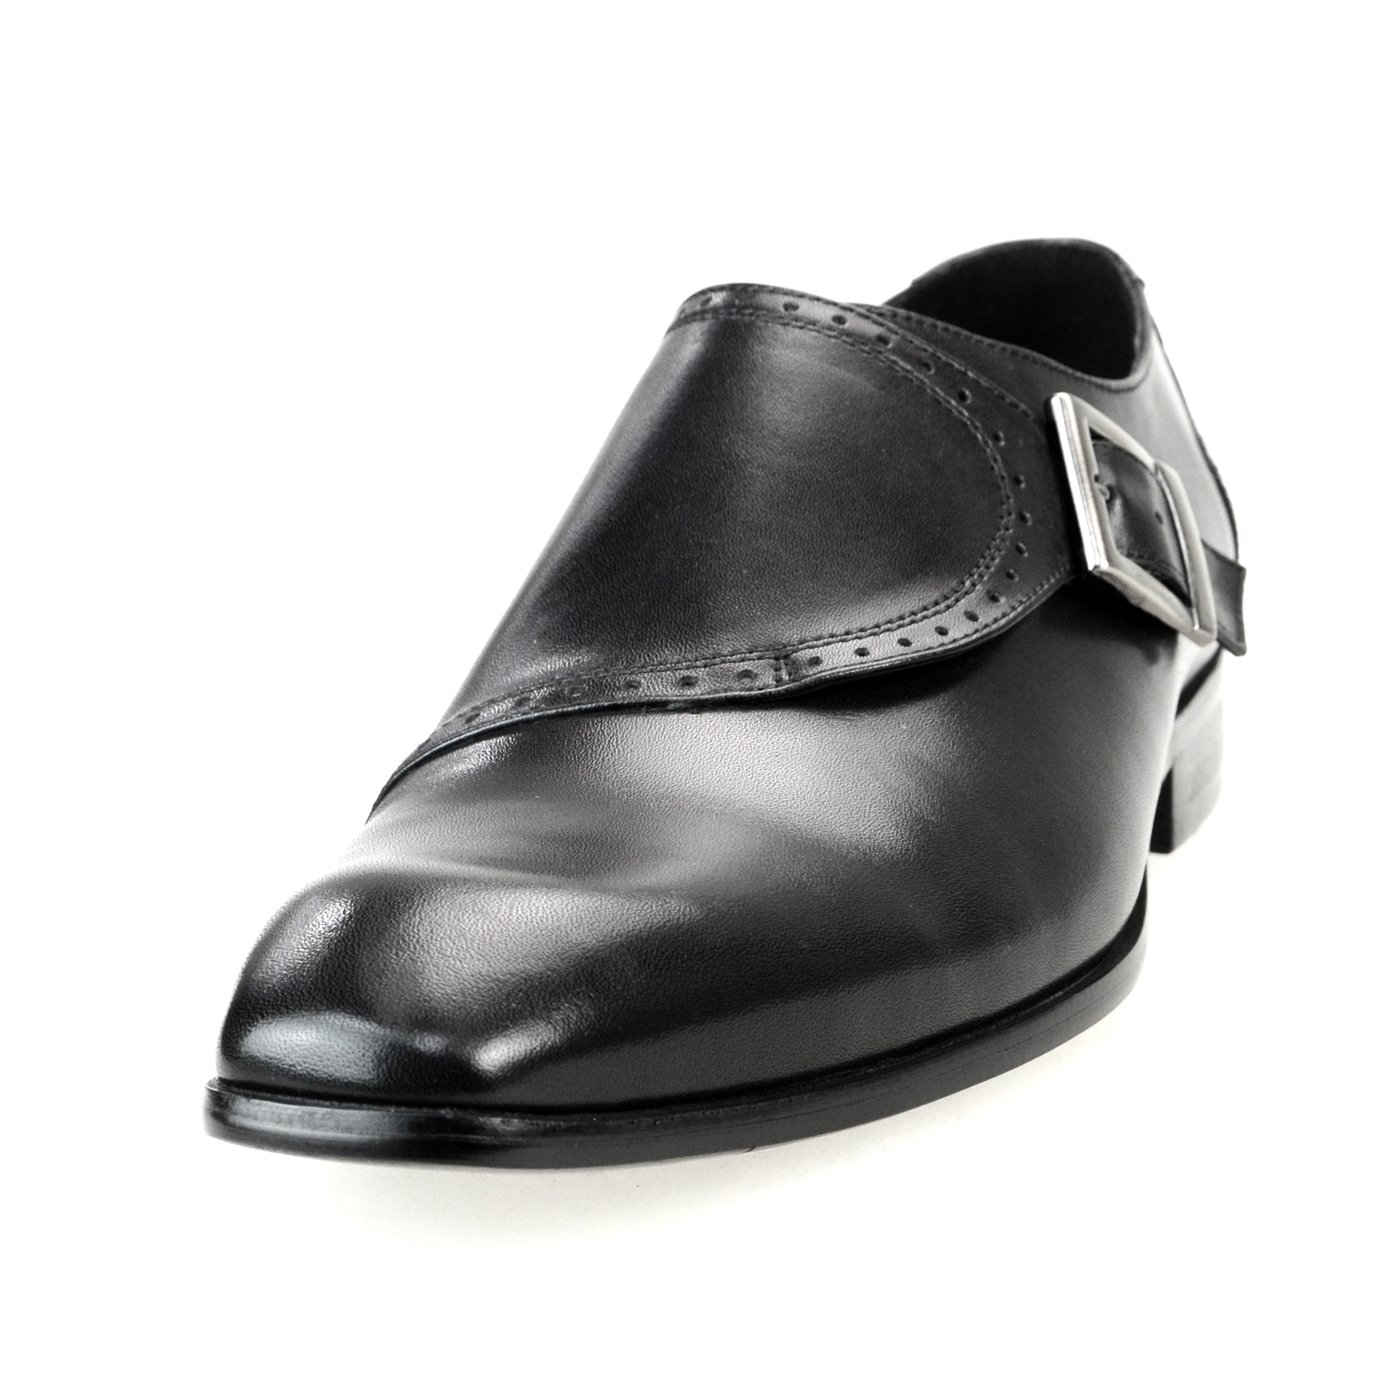 使い勝手の良い [ルシウス] 本革 20種類から選ぶ [ルシウス] レザー ブラック メンズ ダブル B076DWTMS5 モンクストラップ メダリオン ストレートチップ 革靴 紳士靴 B076DWTMS5 0181-05 ブラック 27.5 cm 27.5 cm|0181-05 ブラック, カミイタチョウ:9b1821fd --- ballyshannonshow.com